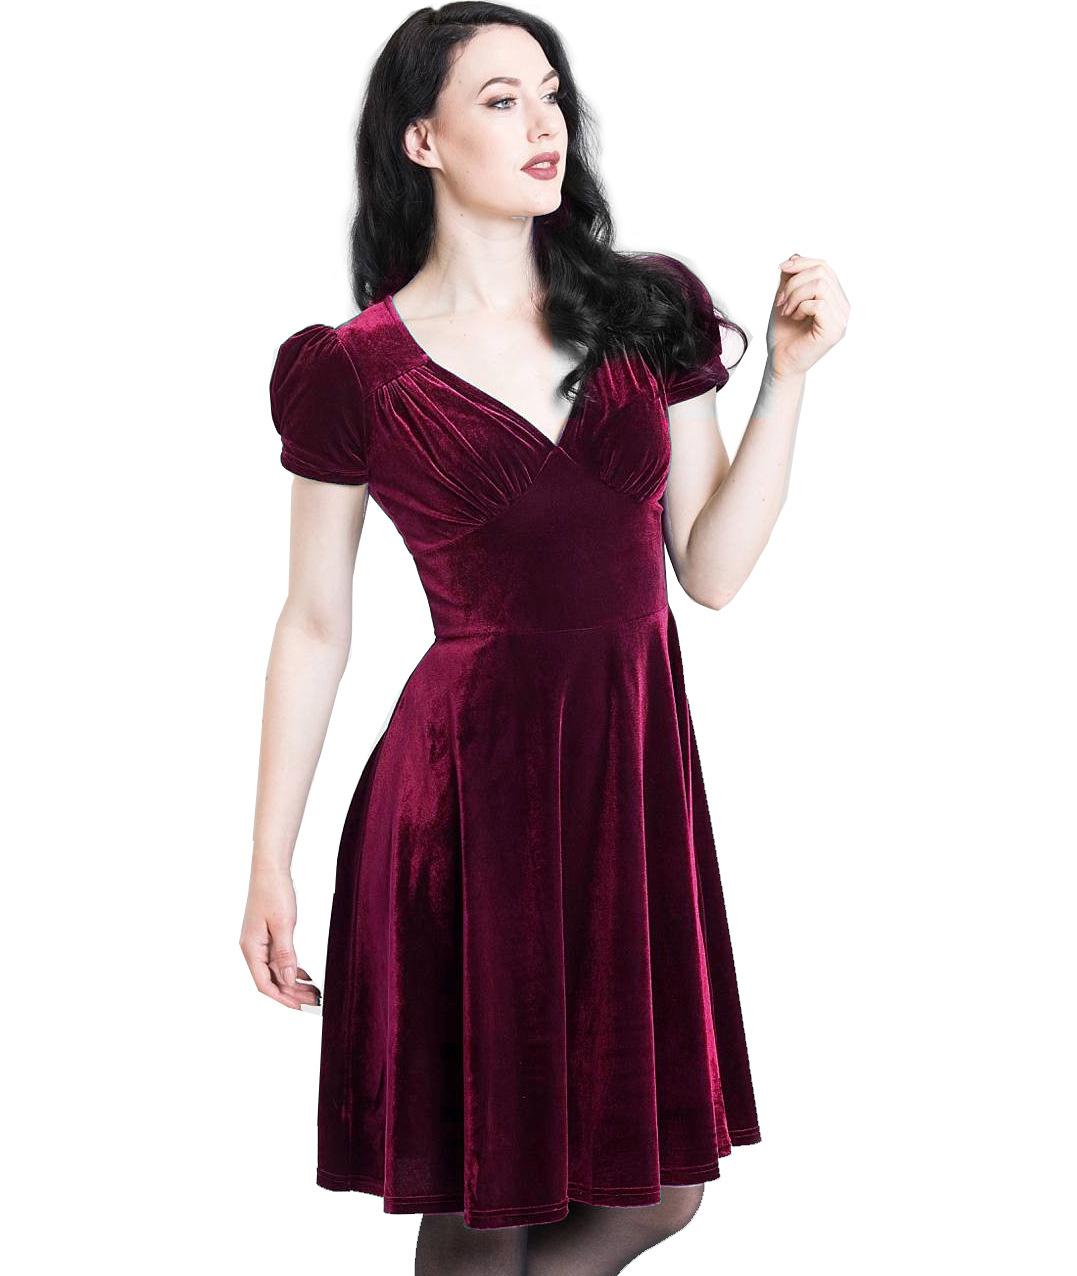 Hell-Bunny-40s-50s-Elegant-Pin-Up-Dress-JOANNE-Crushed-Velvet-Burgundy-All-Sizes thumbnail 39